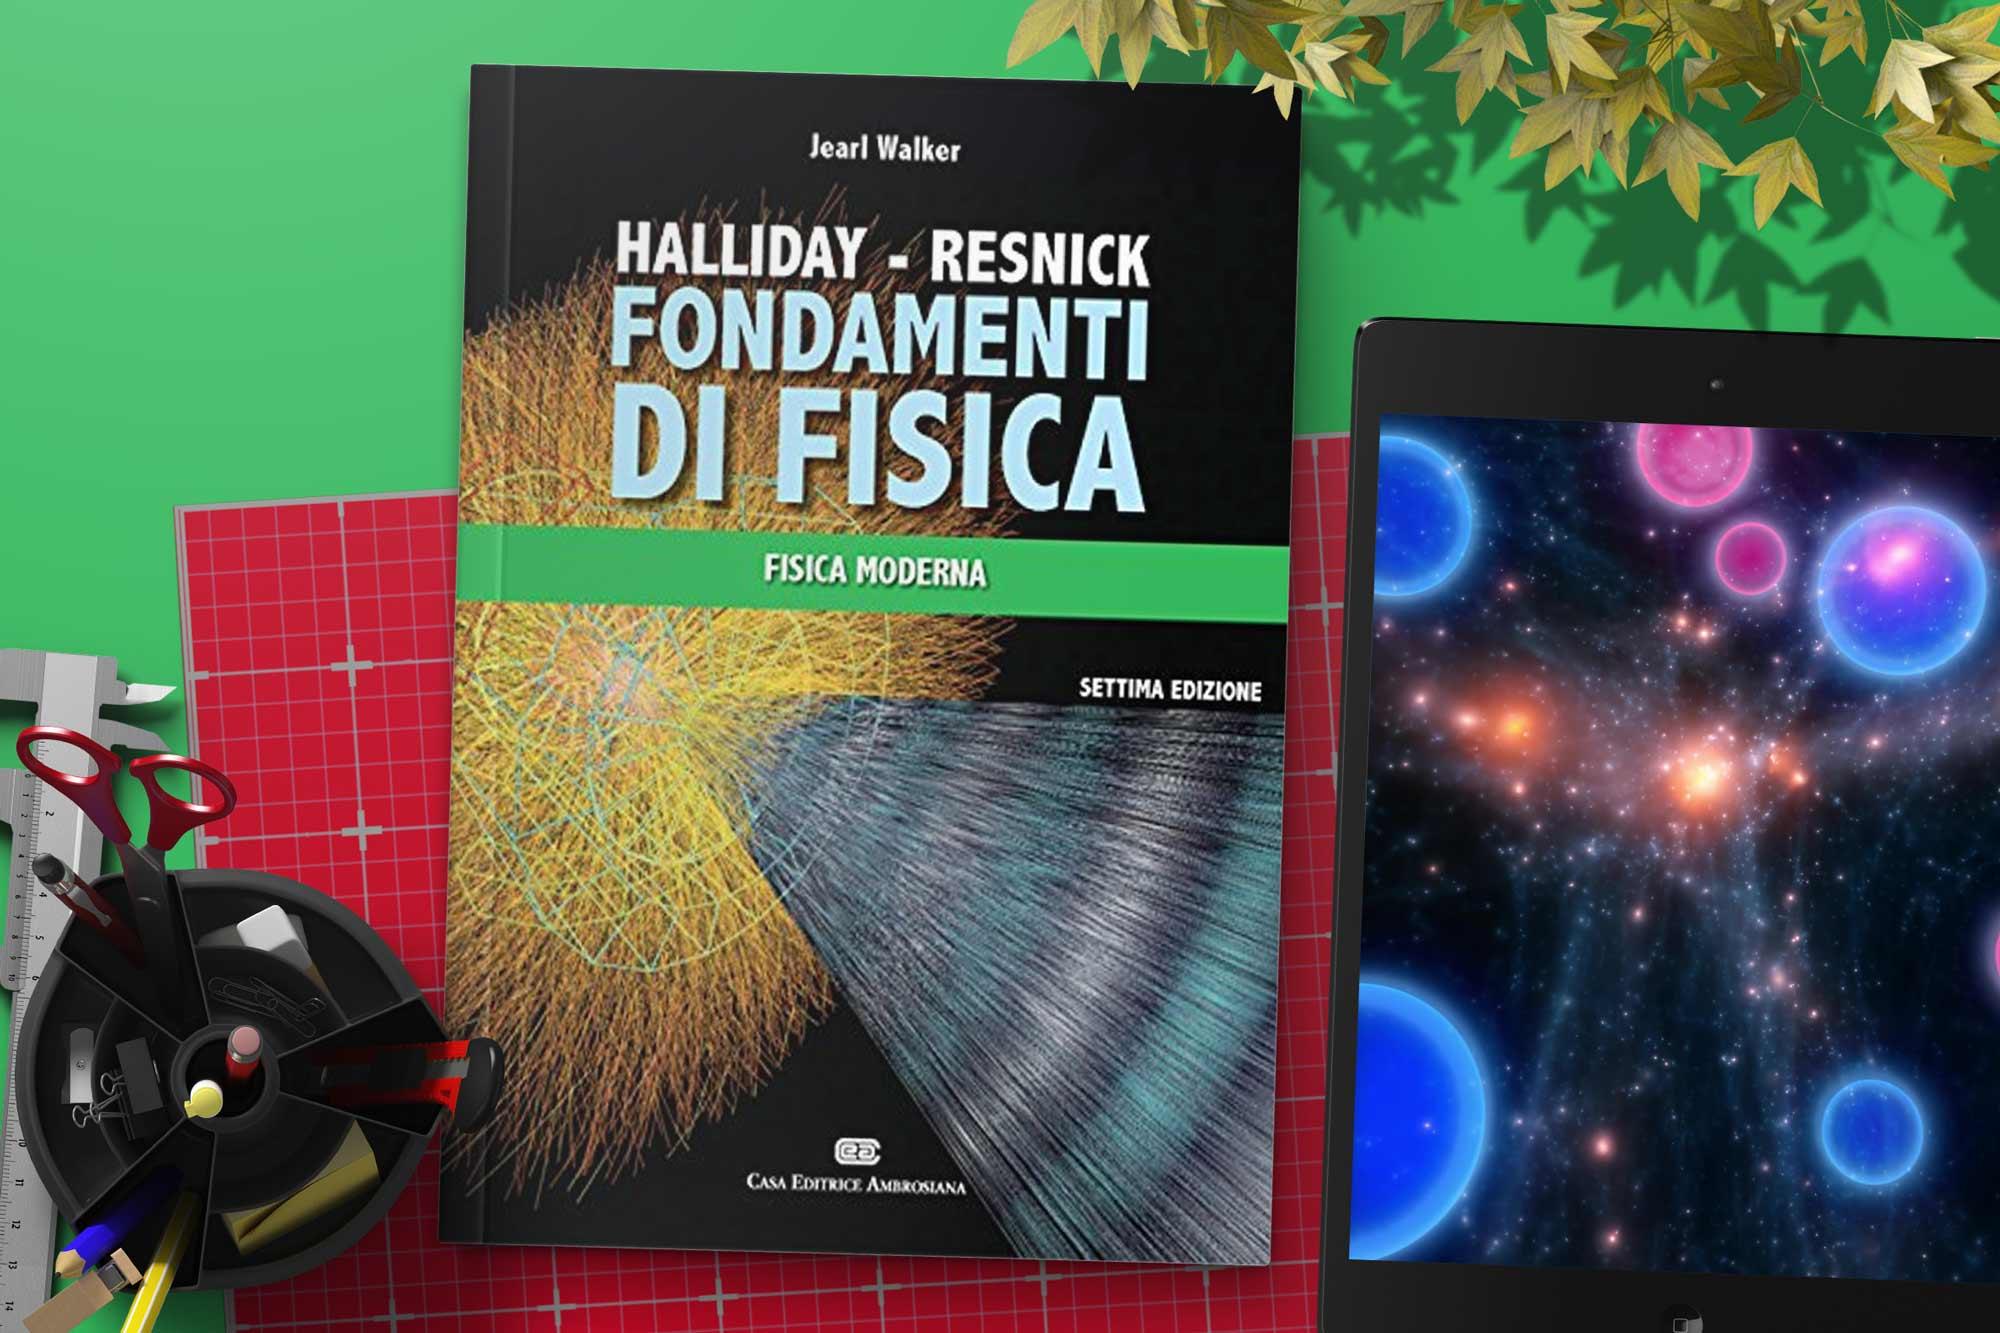 fondamenti-di-fisica-moderna-libro